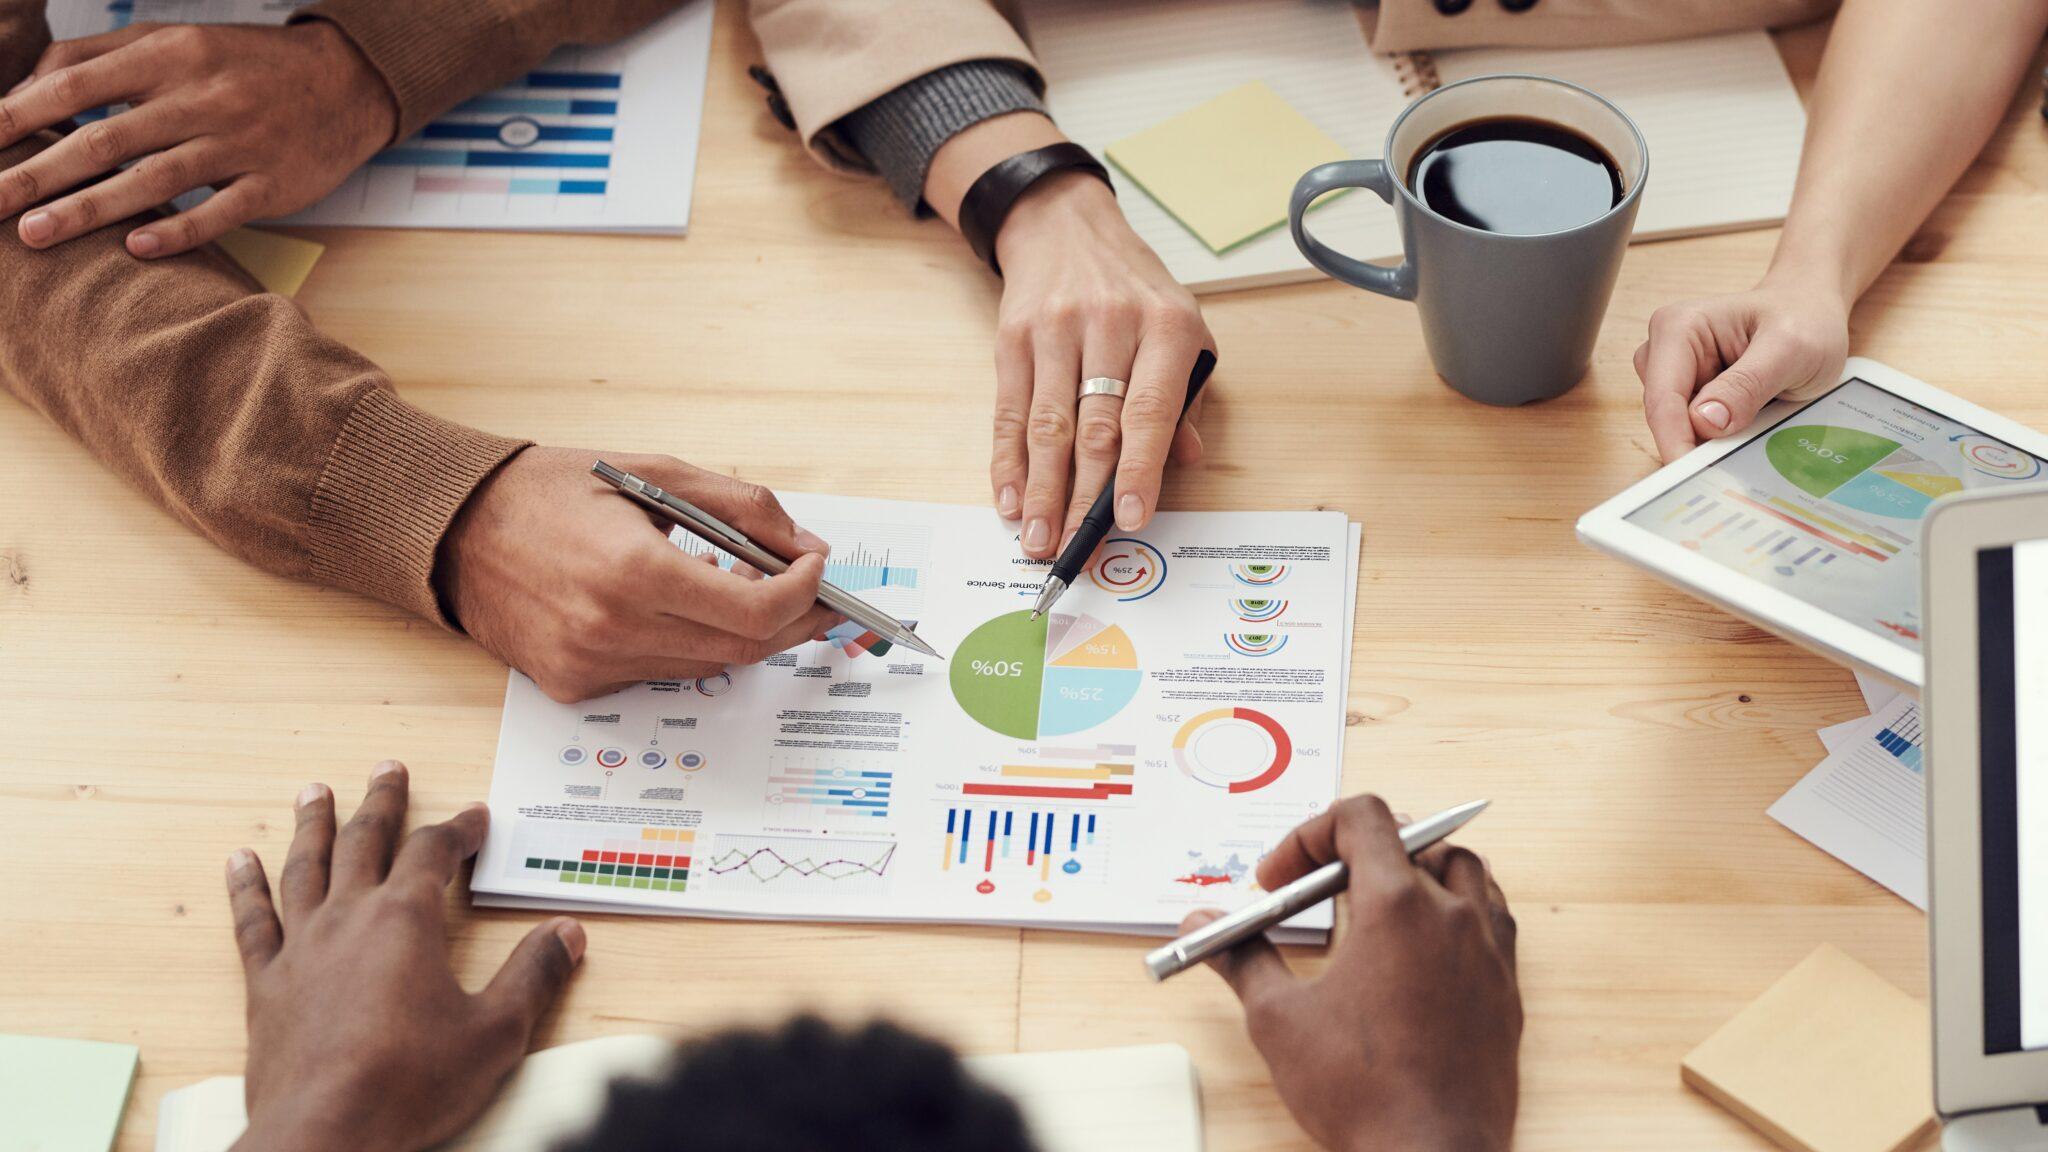 Маркетингові дослідження в Україні і світі: основні тенденції в розвитку технологій і інструментарію